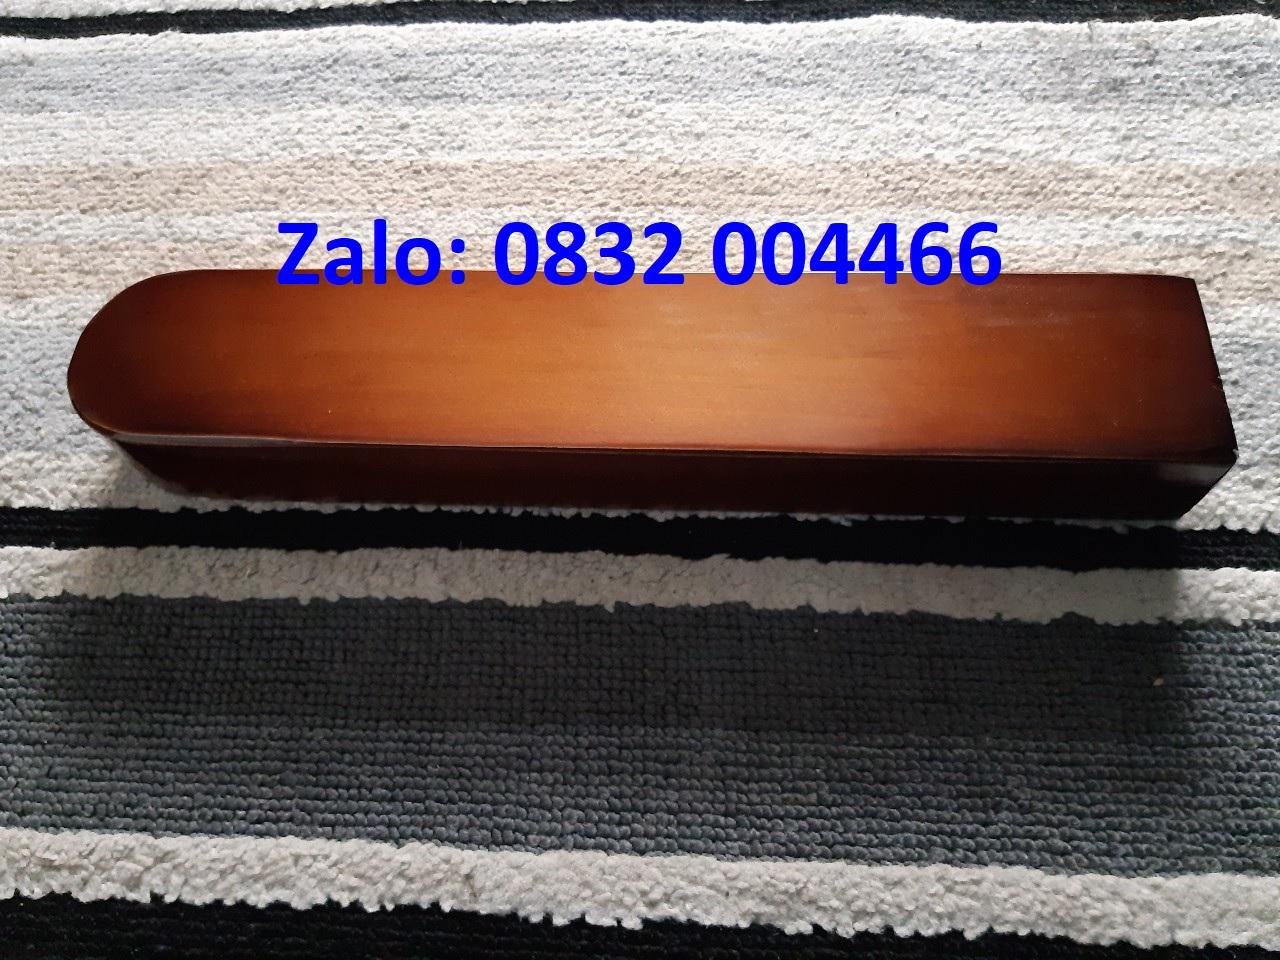 Ốp gỗ chân ghế giám đốc tg2020